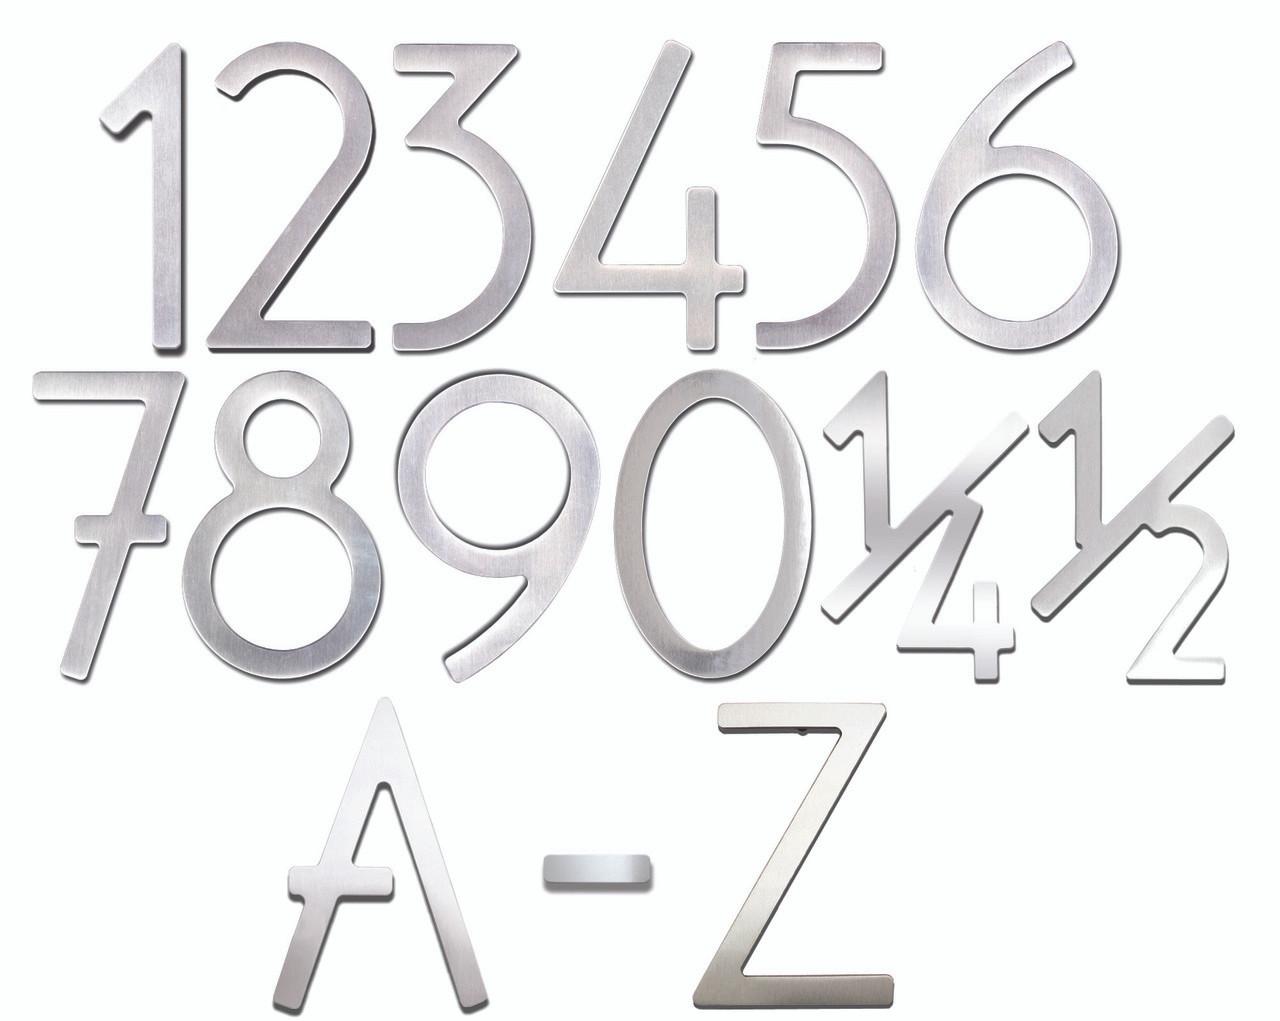 Self-Adhesive 3  Stainless Steel Door Numbers u0026 Letters  sc 1 st  360 Yardware & Self-Adhesive 3